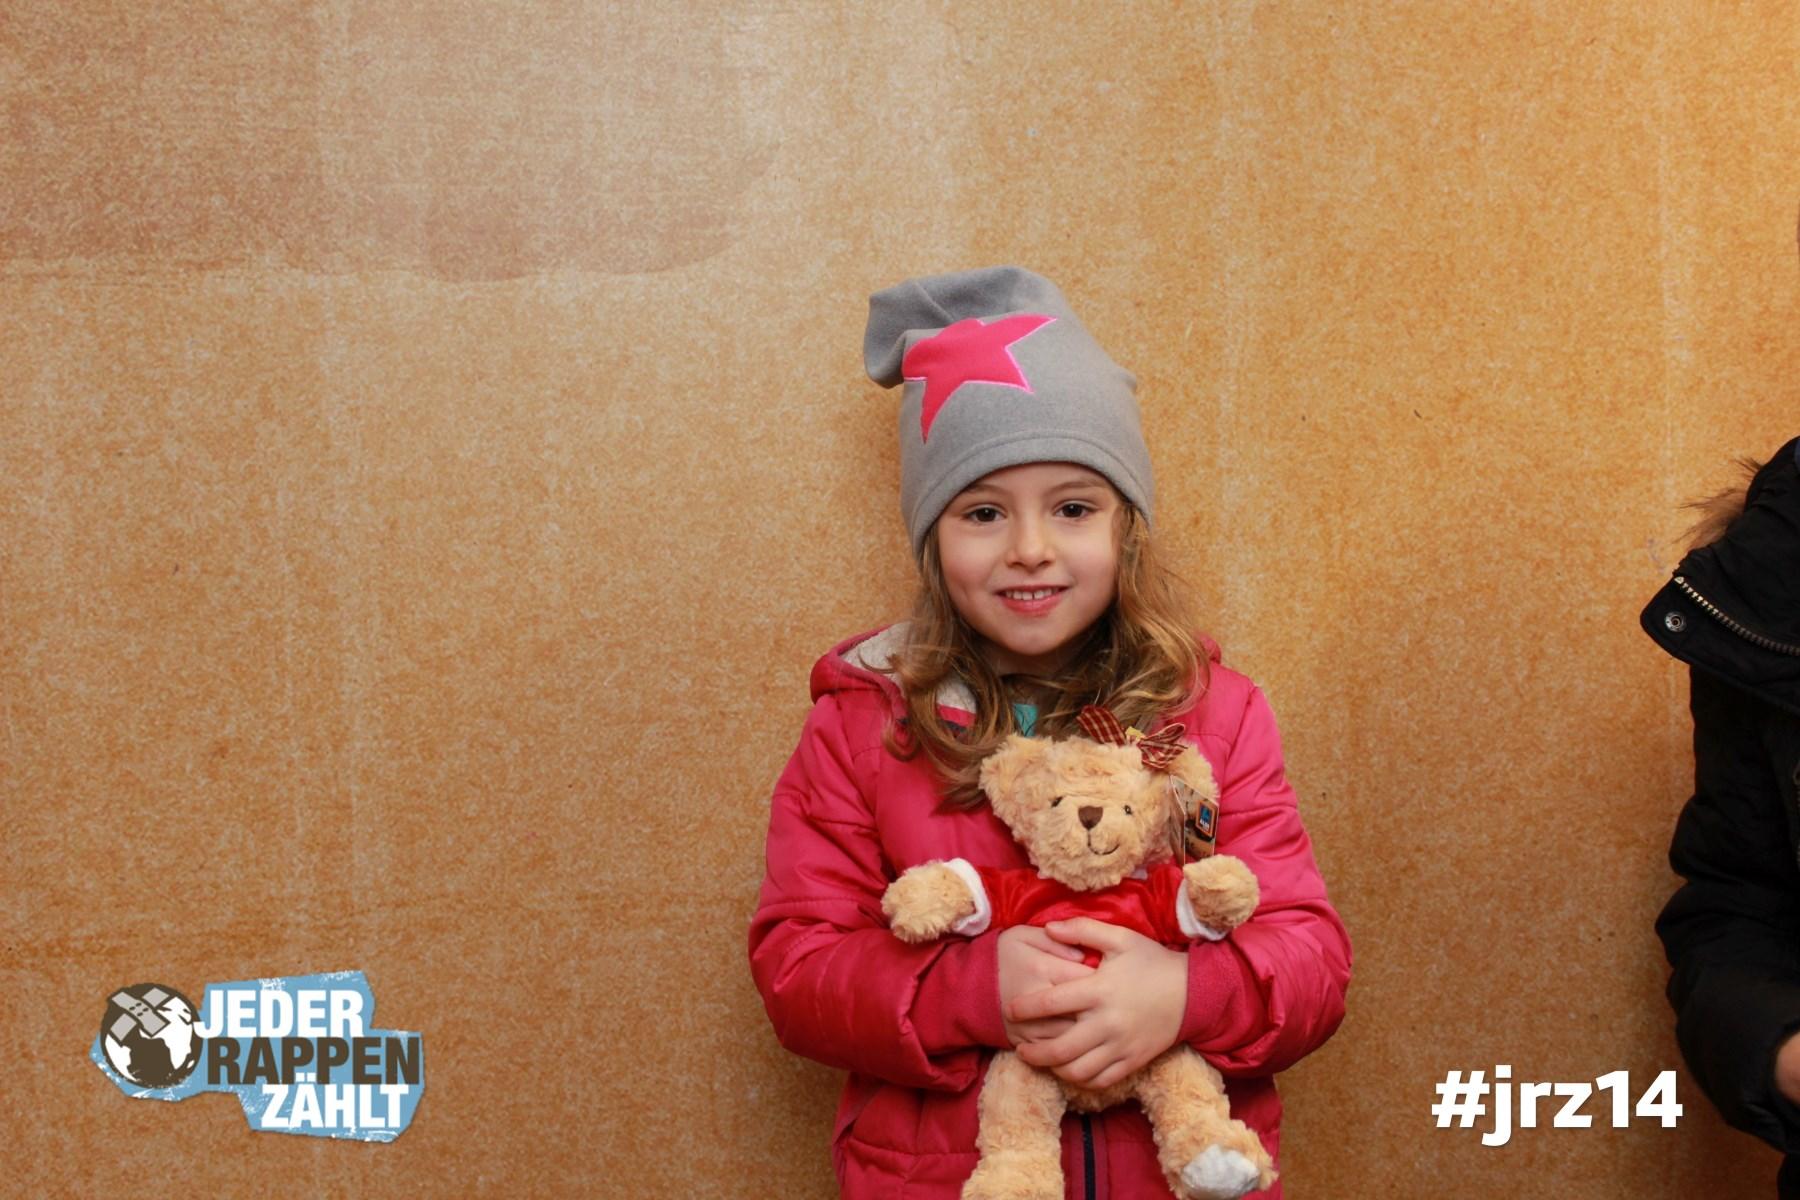 Spende auch du einen Teddybären für Familien auf der Flucht. #jrz14 Jeder Rappen zählt. Foto unter: